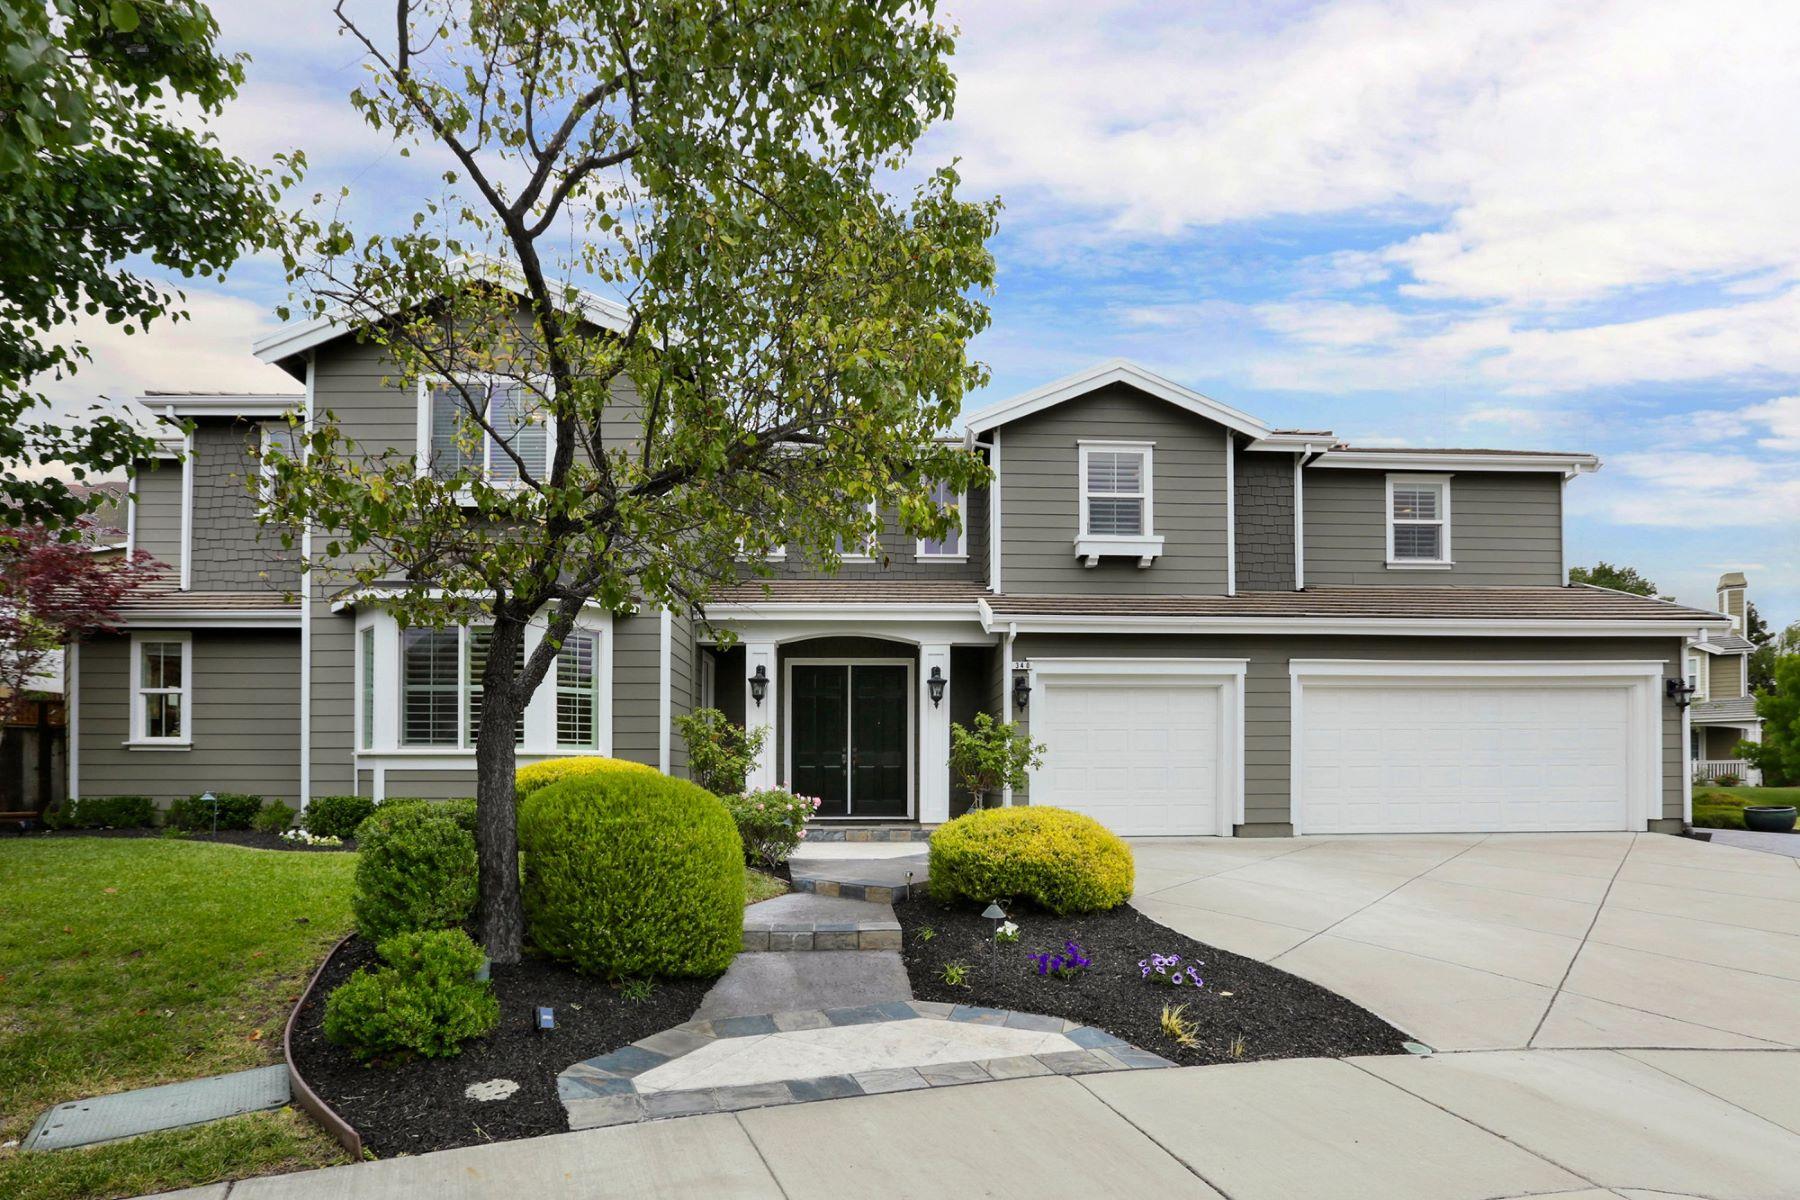 Single Family Home for Sale at 340 MULLIN CT., PLEASANTON, CA Pleasanton, California 94566 United States